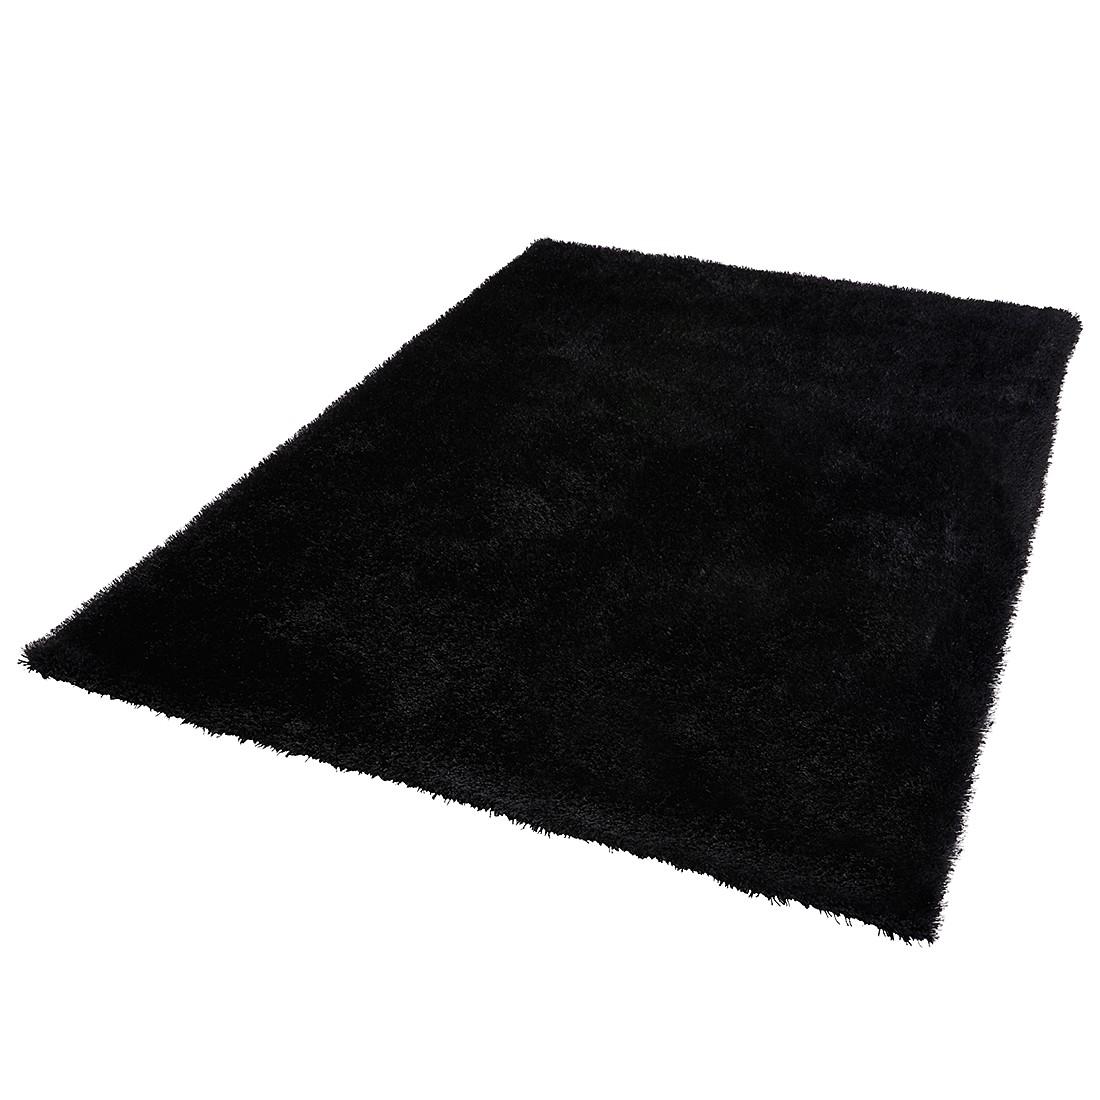 teppich dream schwarz 170 x 230 cm dekowe g nstig kaufen. Black Bedroom Furniture Sets. Home Design Ideas